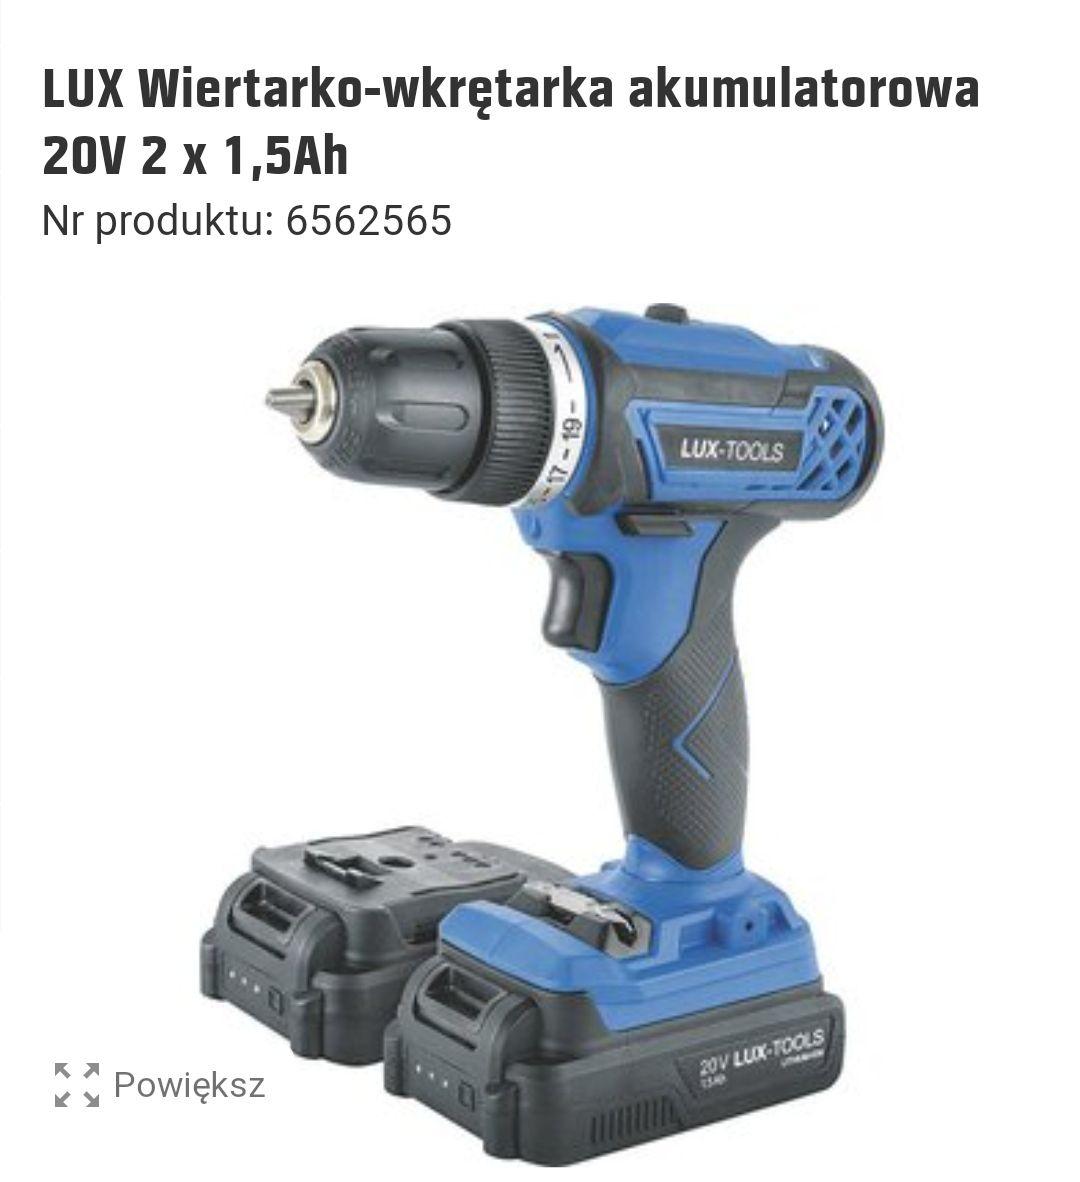 LUX Wiertarko-wkrętarka akumulatorowa 20V 2 x 1,5Ah